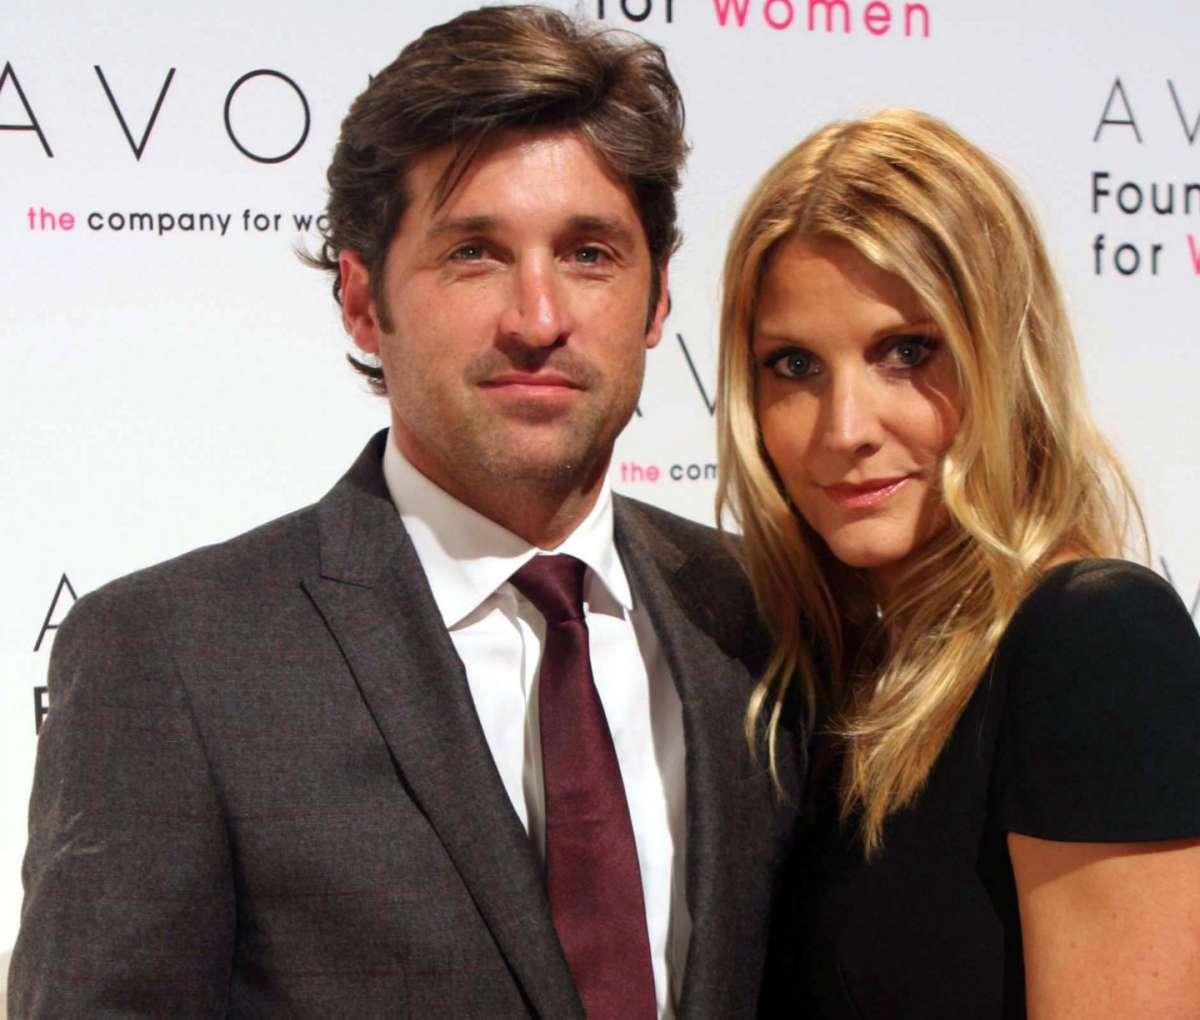 Patrick Dempsey e Jillian Fink divorzio: lui l'ha tradita sul set di Grey's Anatomy [FOTO]